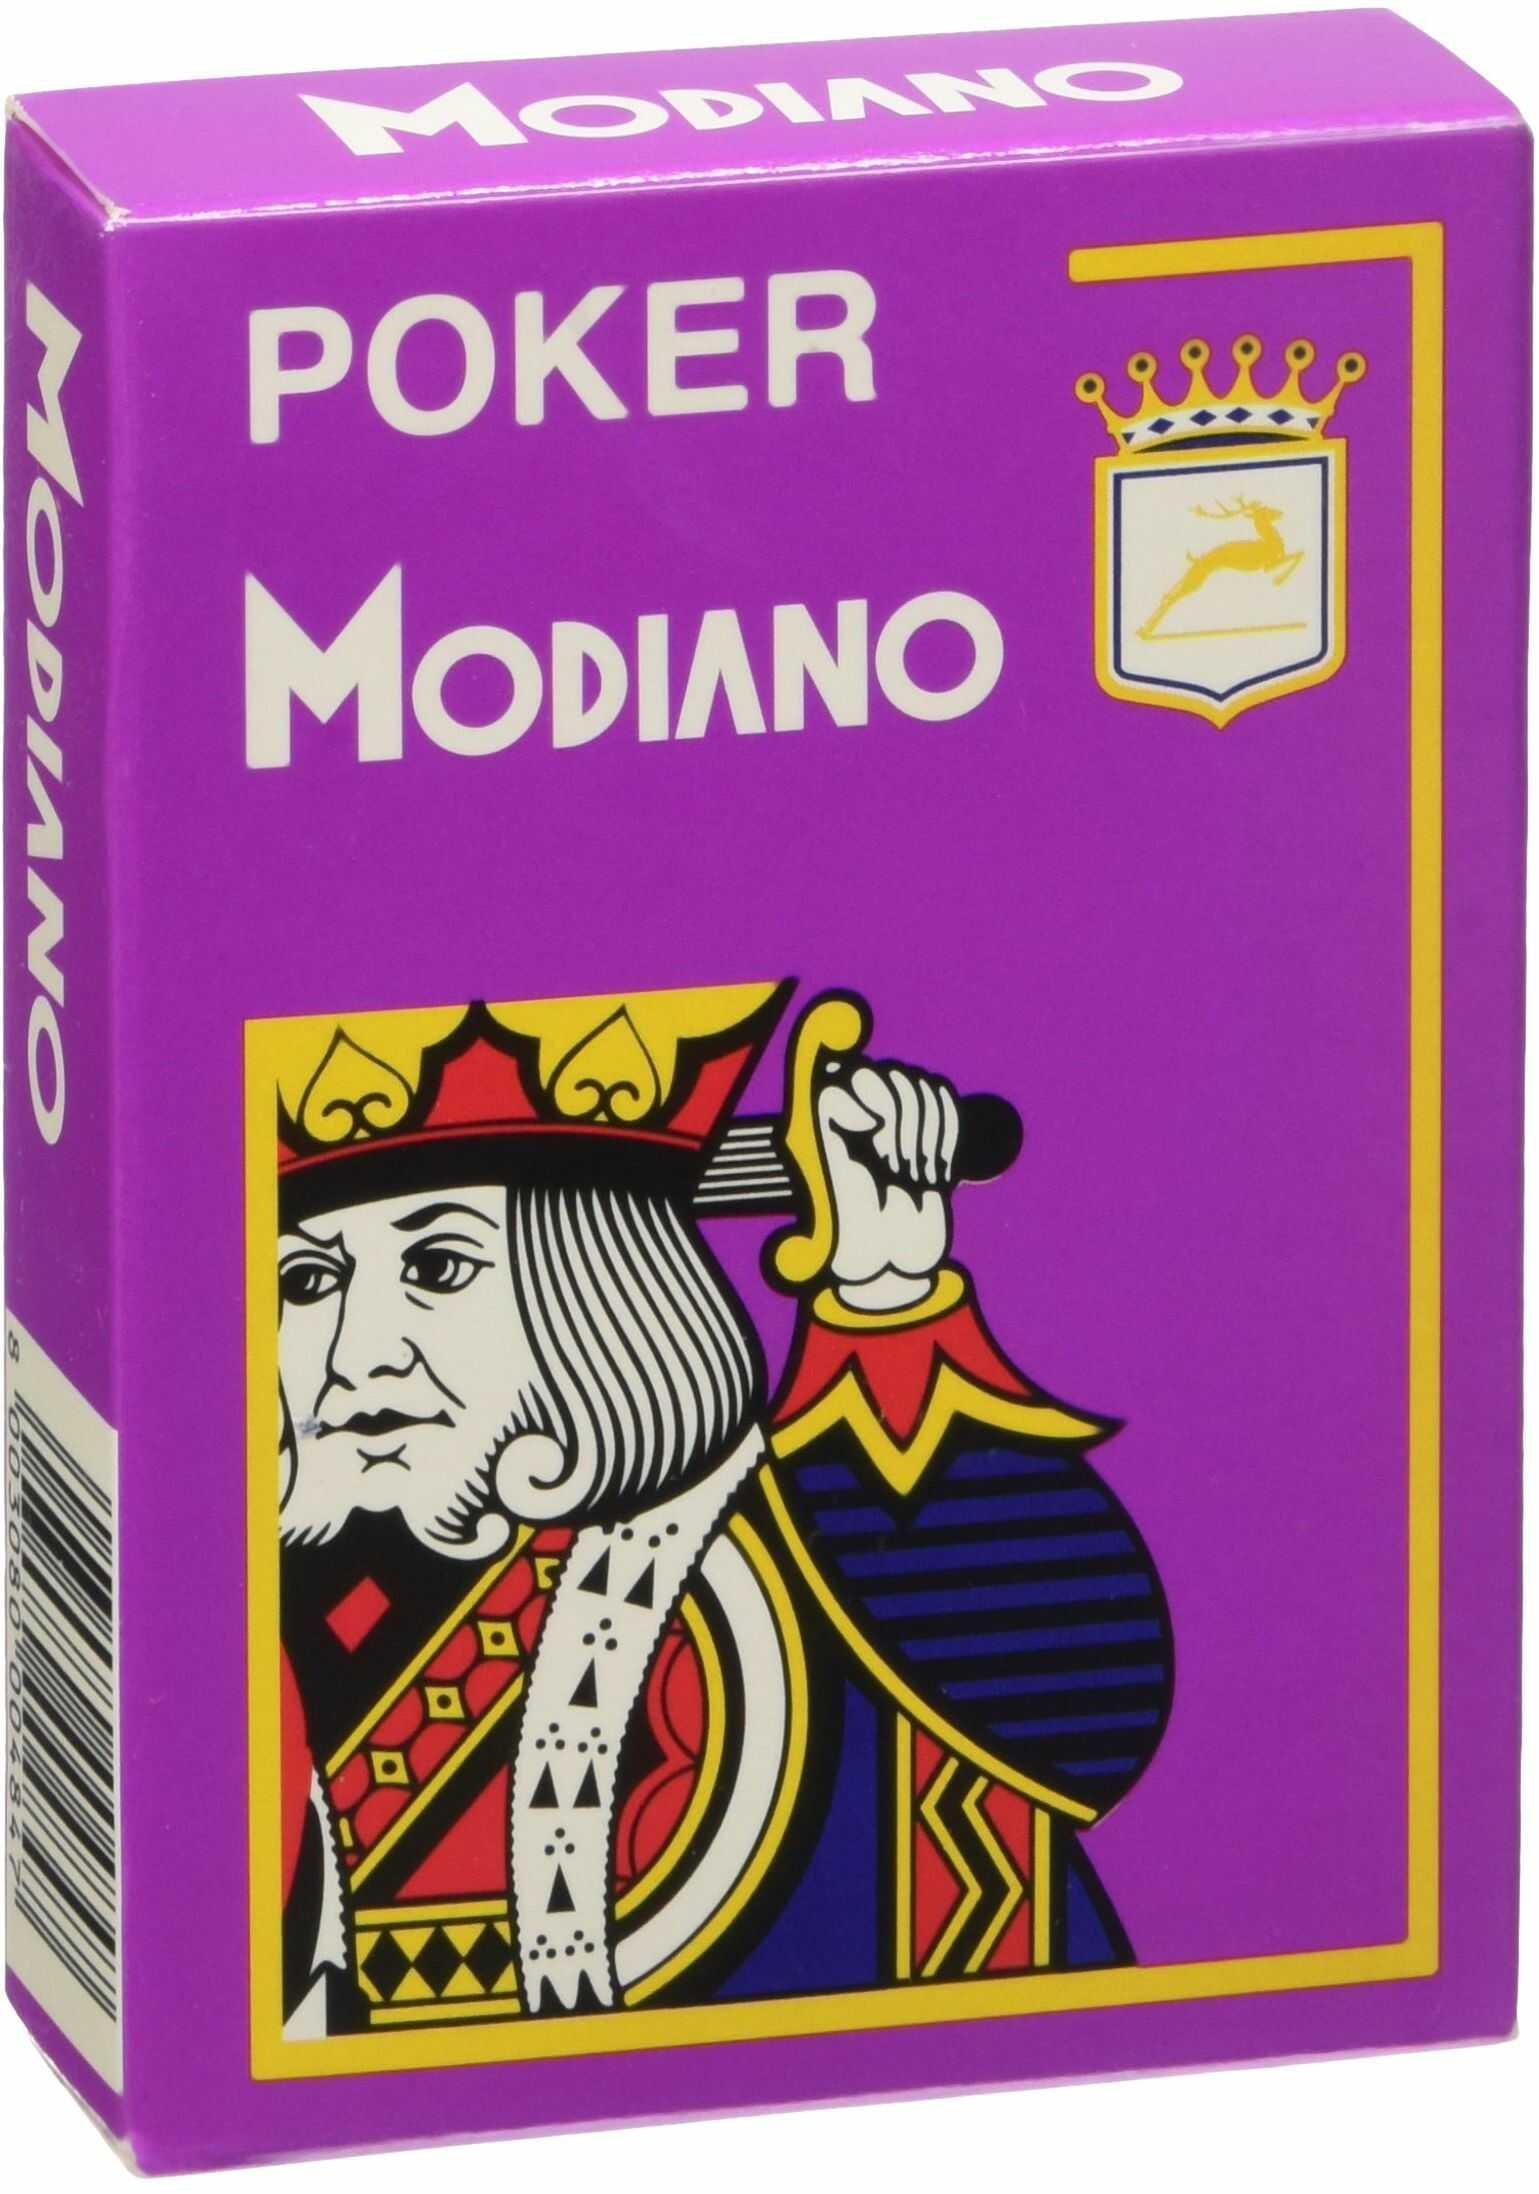 Modiano Cristallo 484  karty do gry w pokera, indeks 4, fioletowe